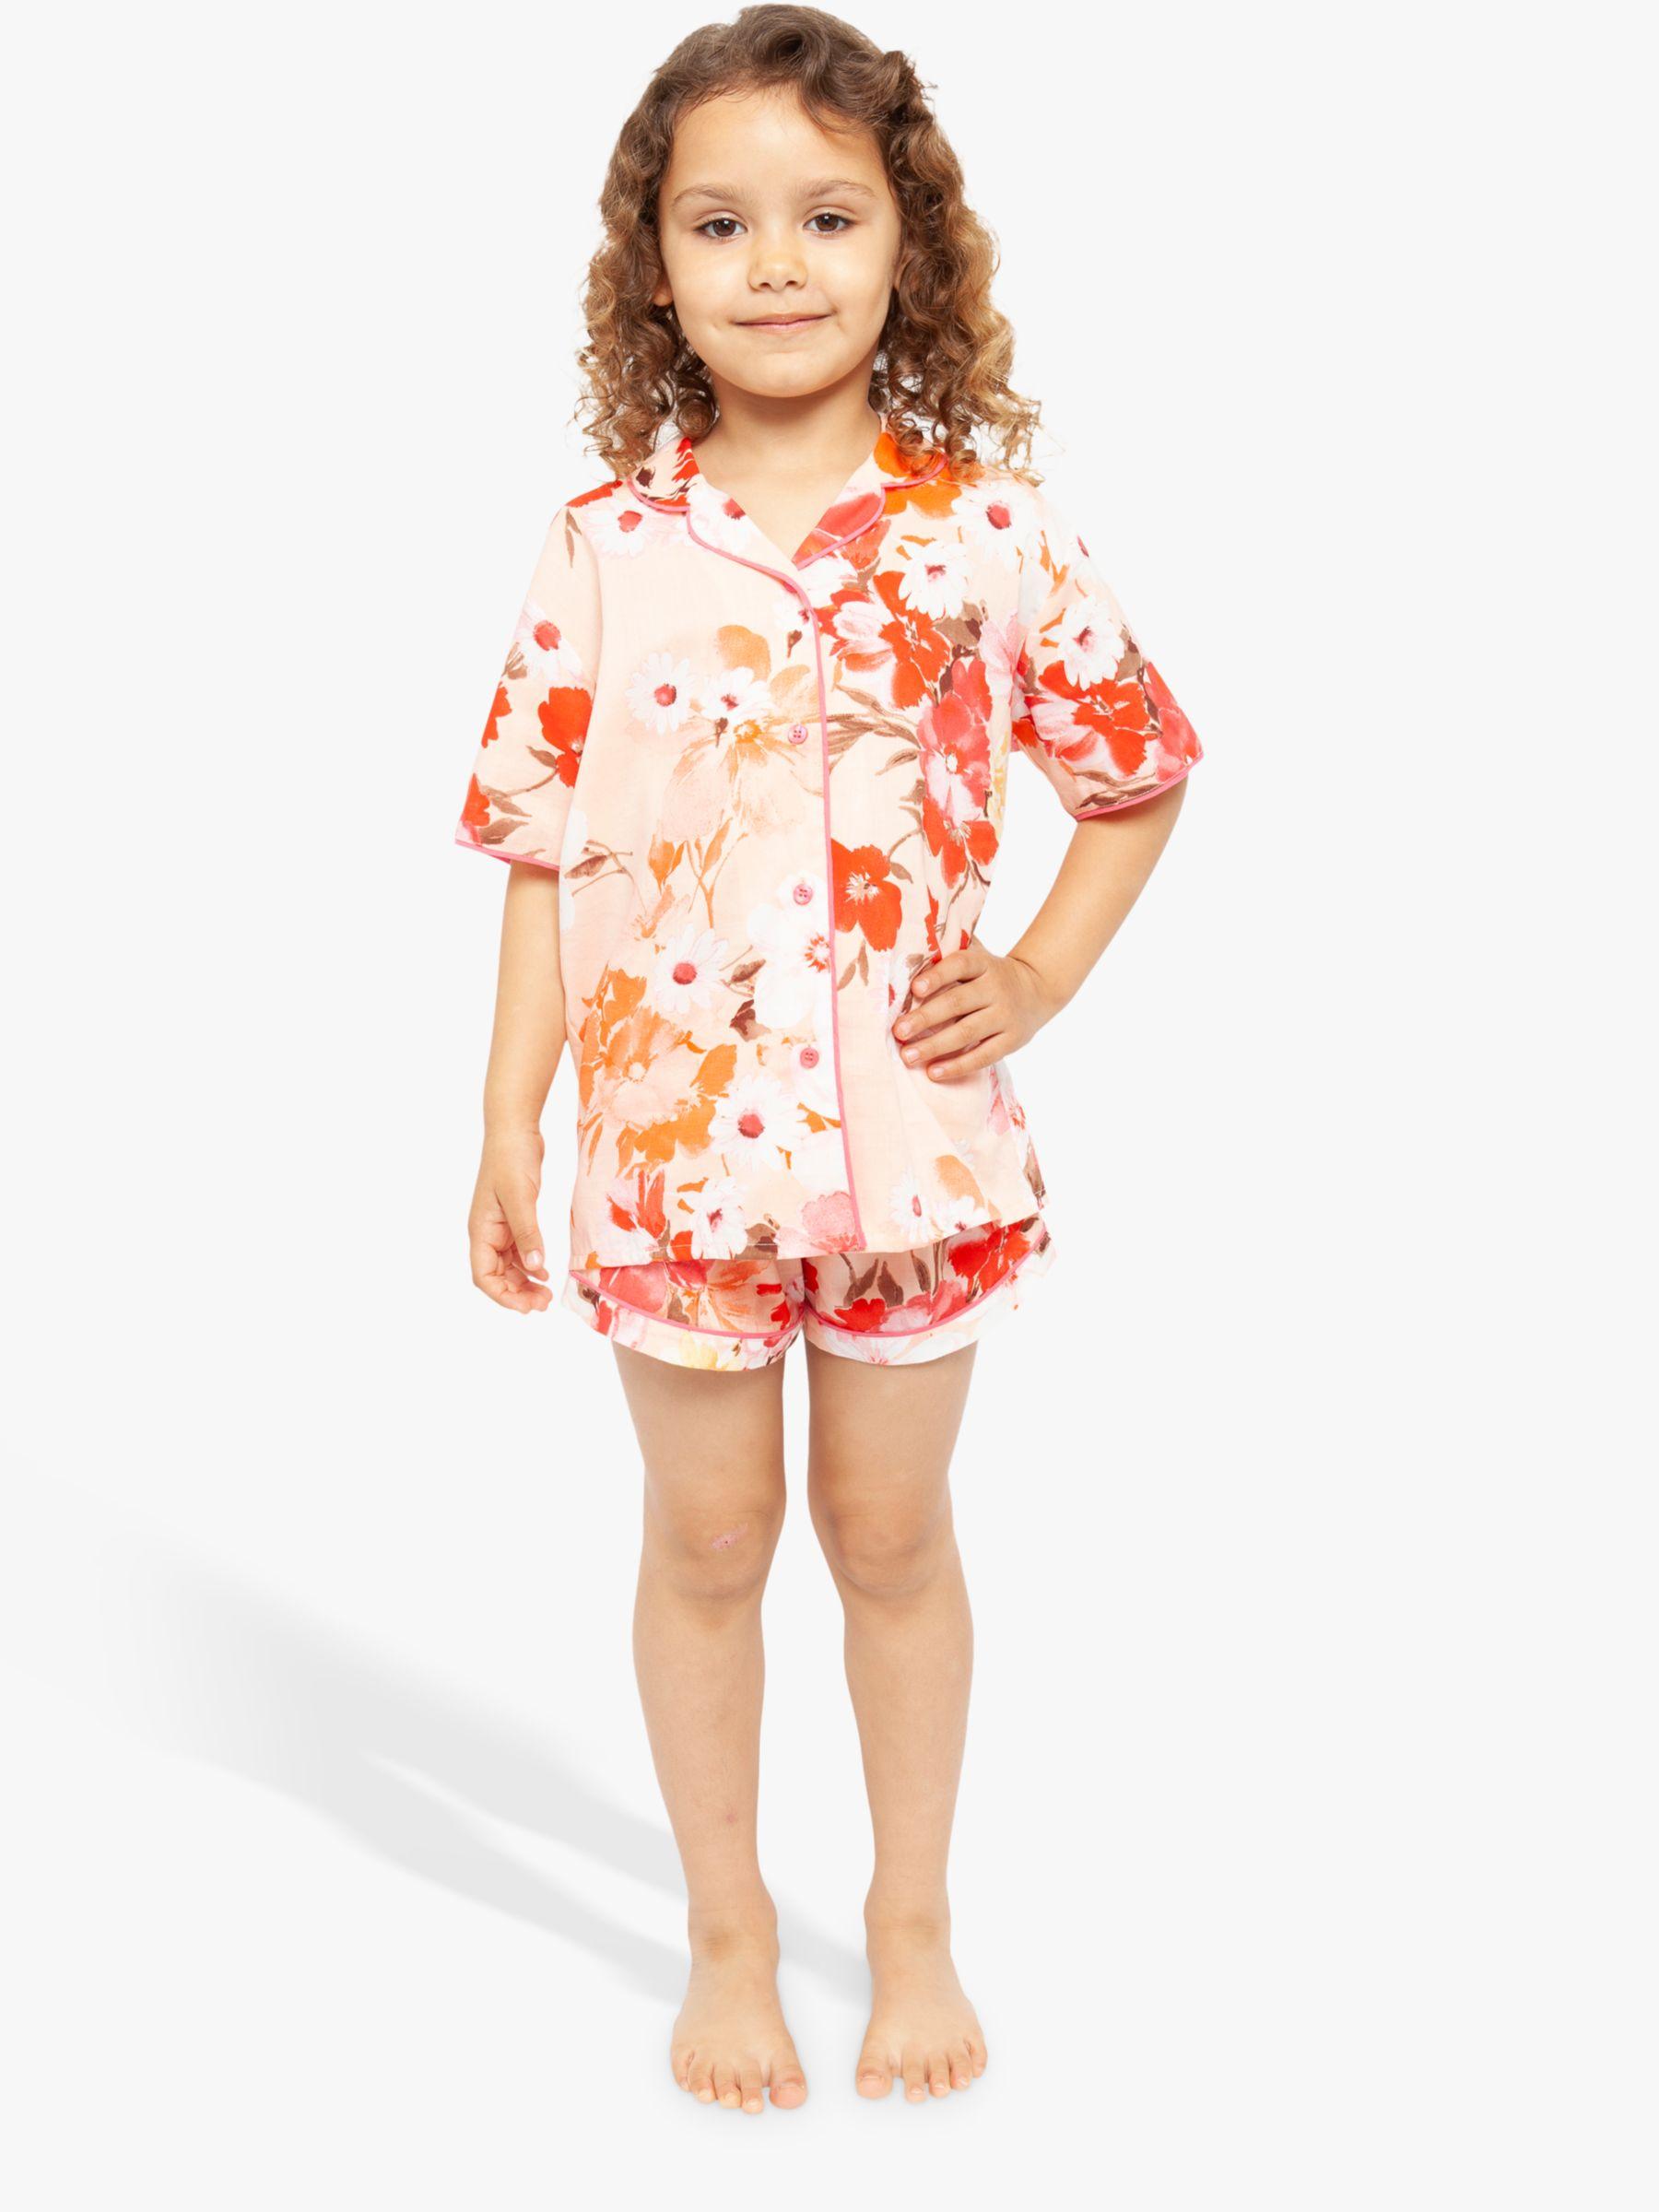 Cyberjammies Cyberjammies Girls' Floral Shortie Pyjama Set, Pink